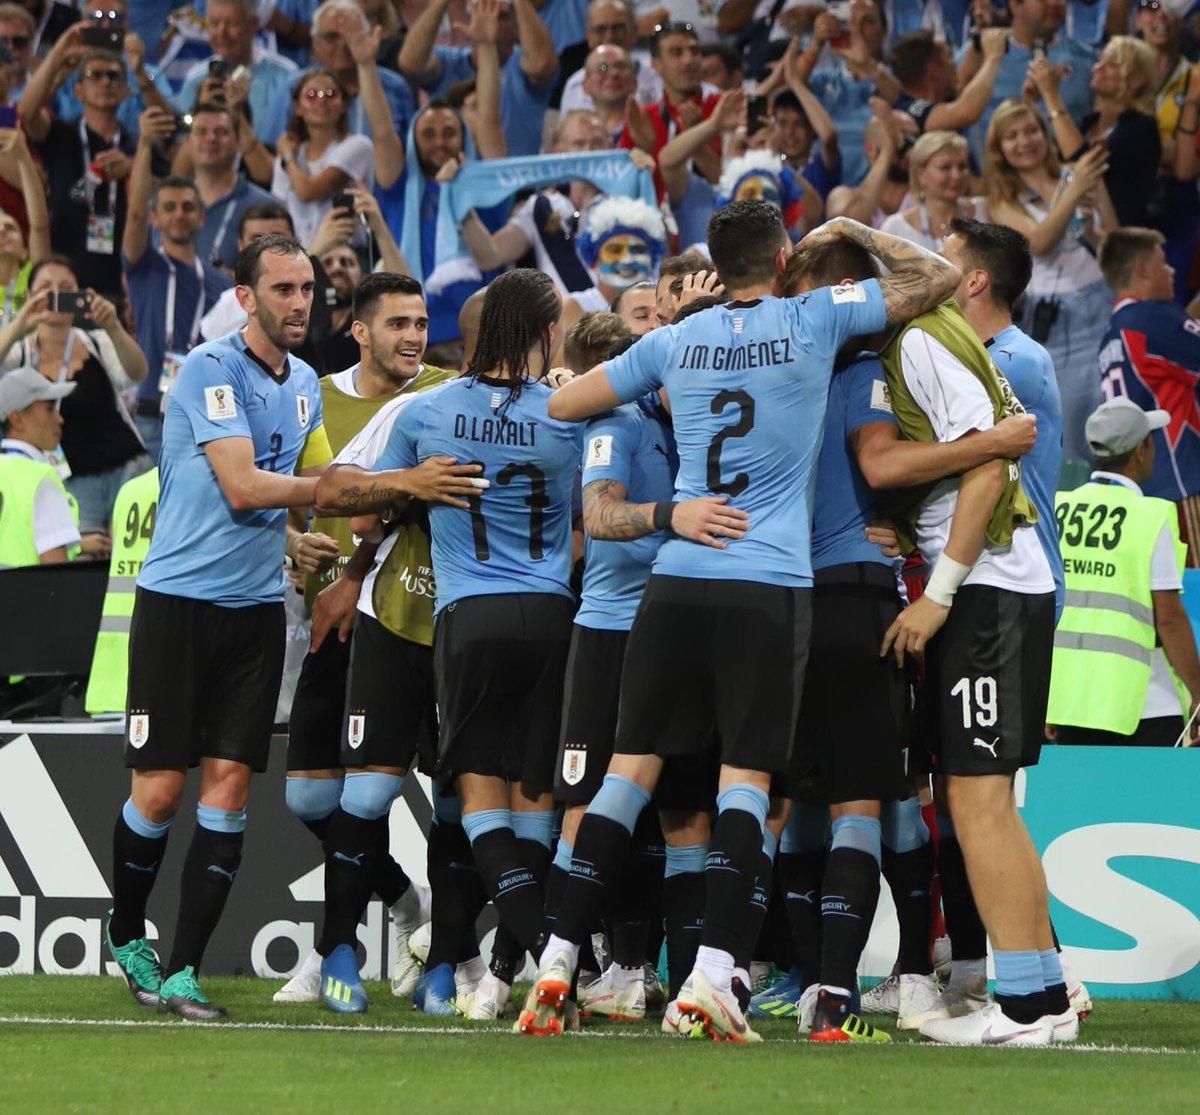 Entre los 8 mejores!!!! Vamoooooos por más!!! El sueño está más vivo que nunca!! Vamoooo Uruguay carajooooo 💪🏼💪🏼💪🏼💪🏼🇺🇾🇺🇾🇺🇾 #worldcup https://t.co/tKfjrYiBmY